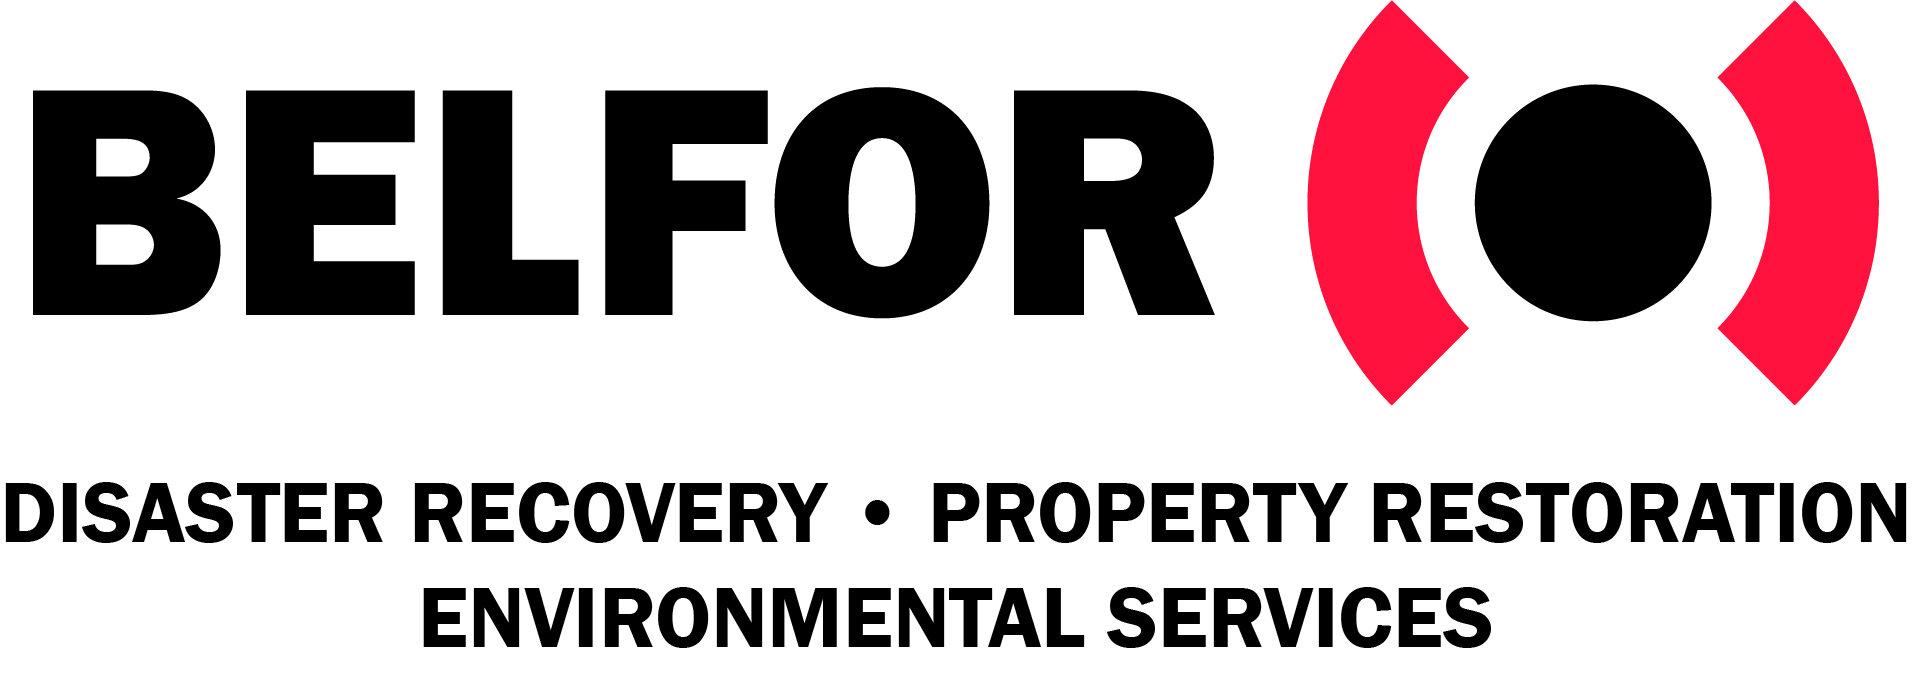 BELFOR Logo Restoration Environmental (1).jpg